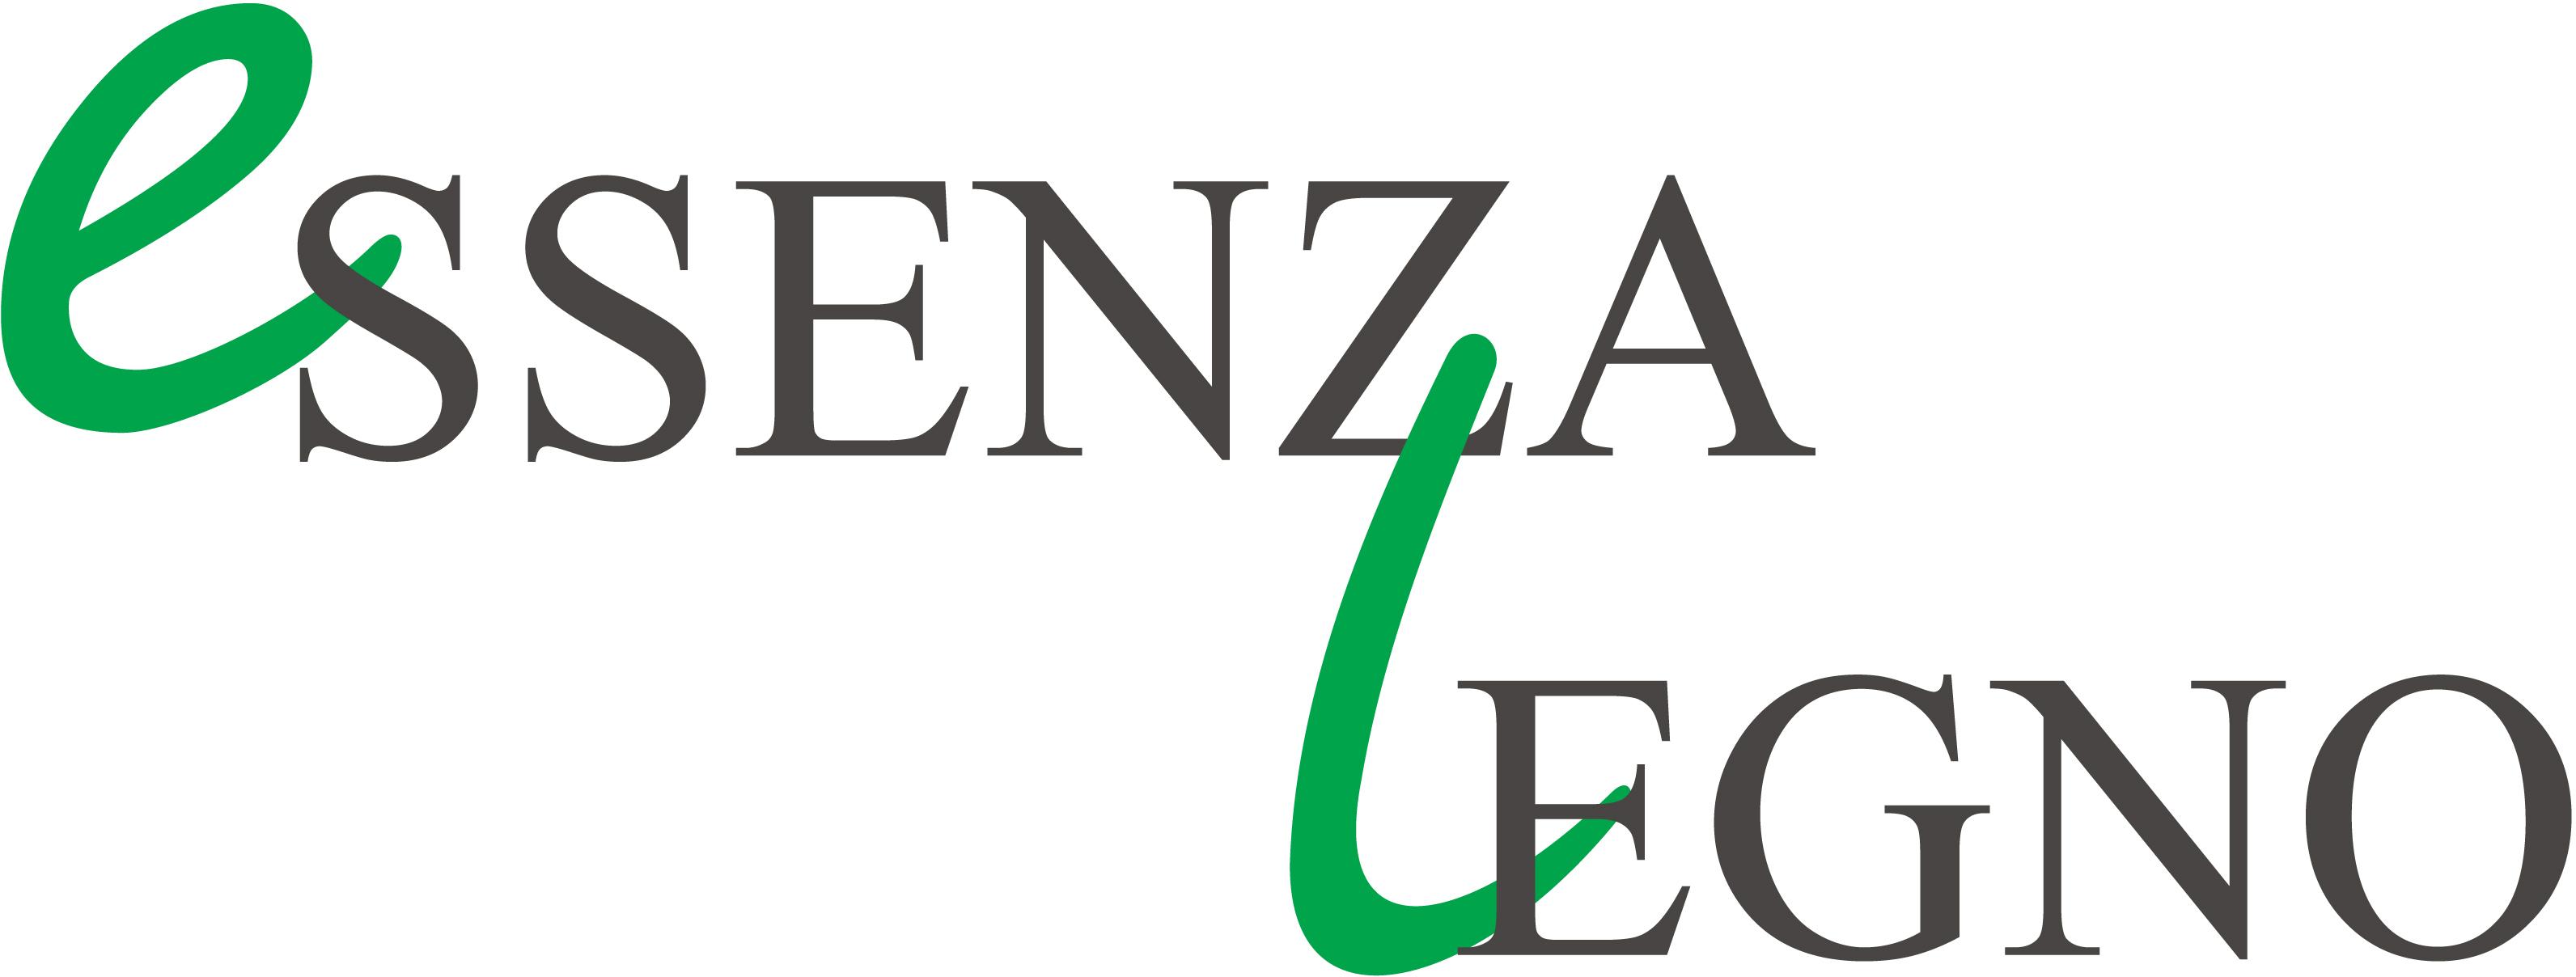 Essenza Legno | Falegnameria Artigiana di Fabio Cecchi